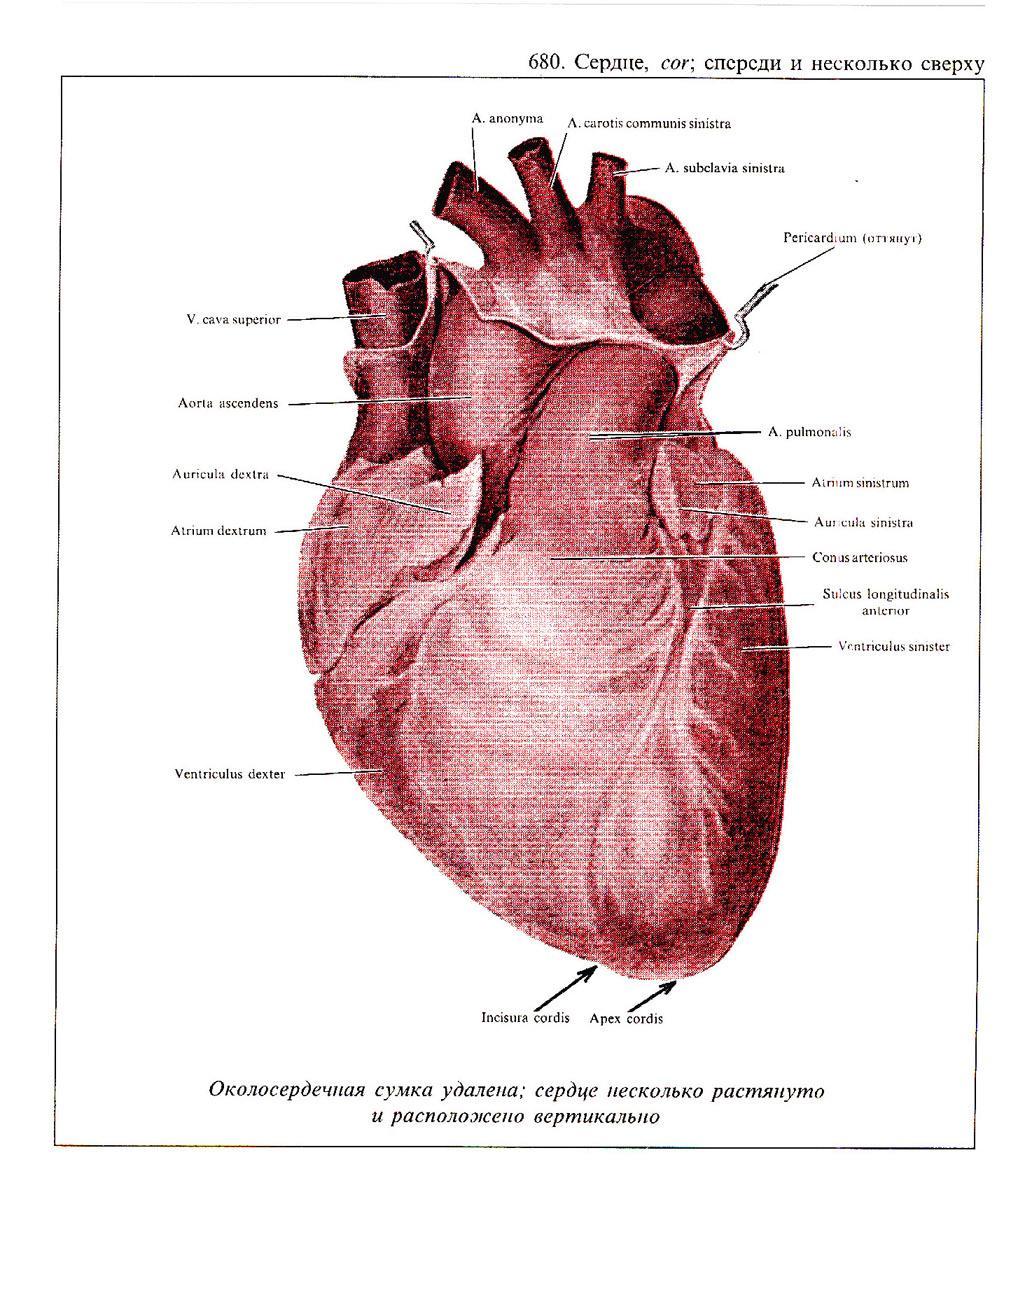 Conus Arteriosus                  - Health